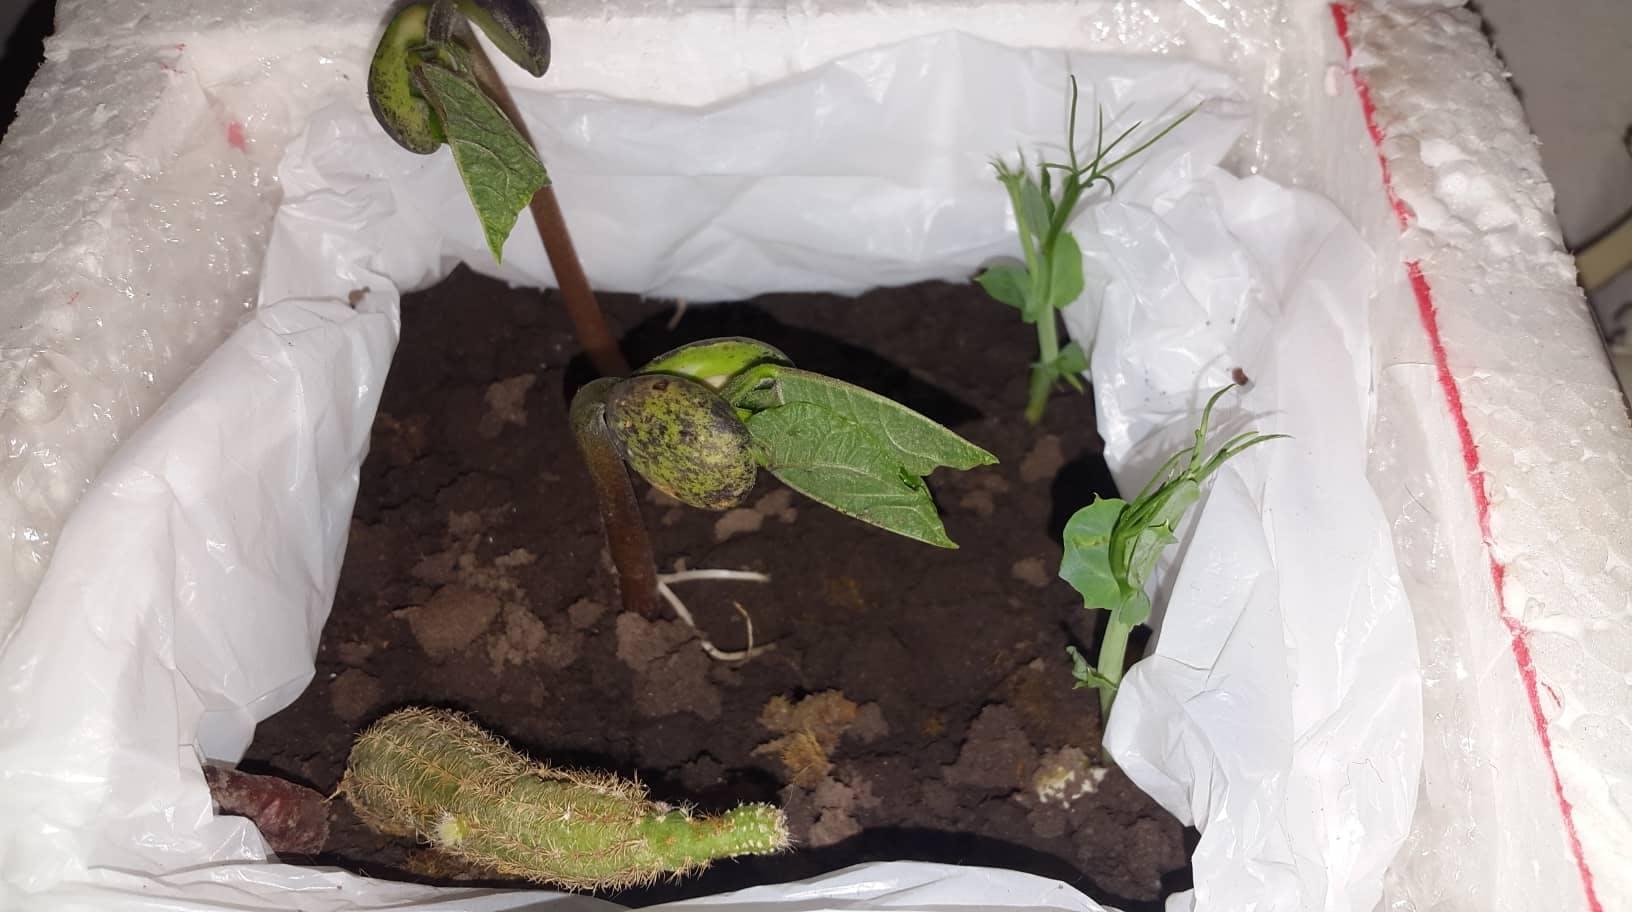 Our prototyping of a crop.   2 Phaseolus vulgaris beans   2 Peas Pisum sativum   Common plant: Cactaceae  